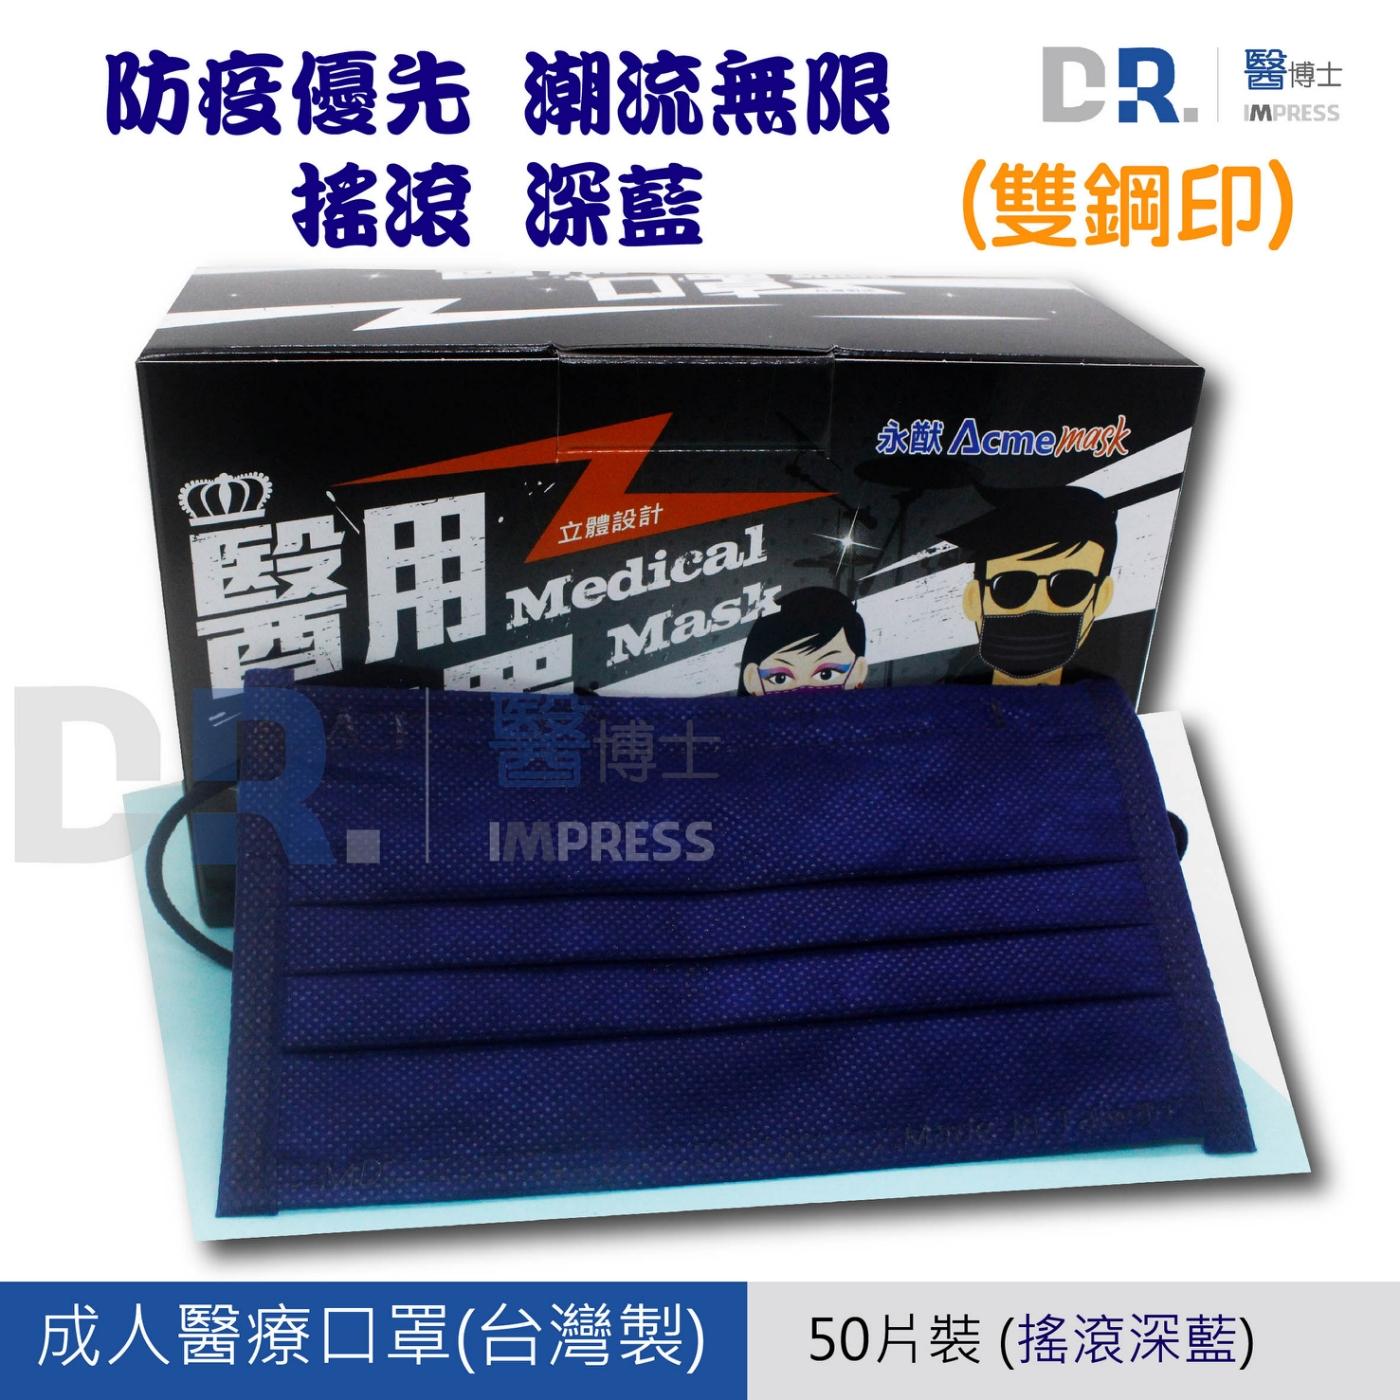 【醫博士】永猷 醫療用口罩(成人 搖滾深藍) 50片/盒 ( 雙鋼印 現貨)